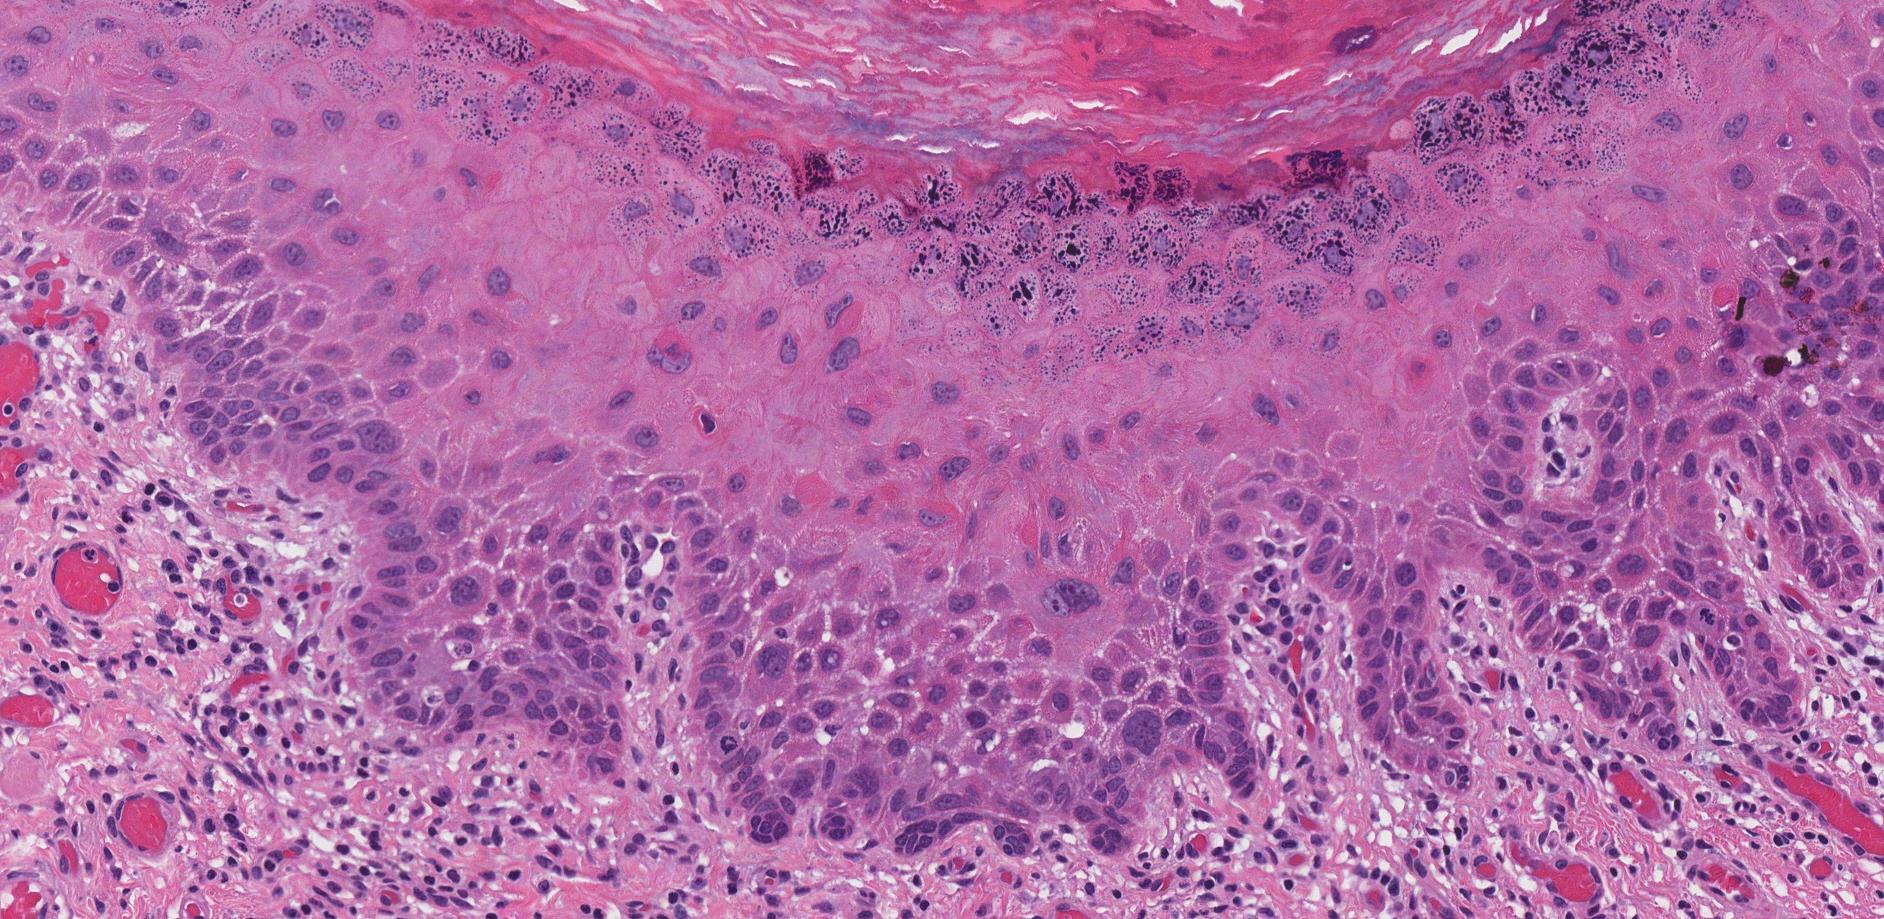 keratinizing squamous dysplasia